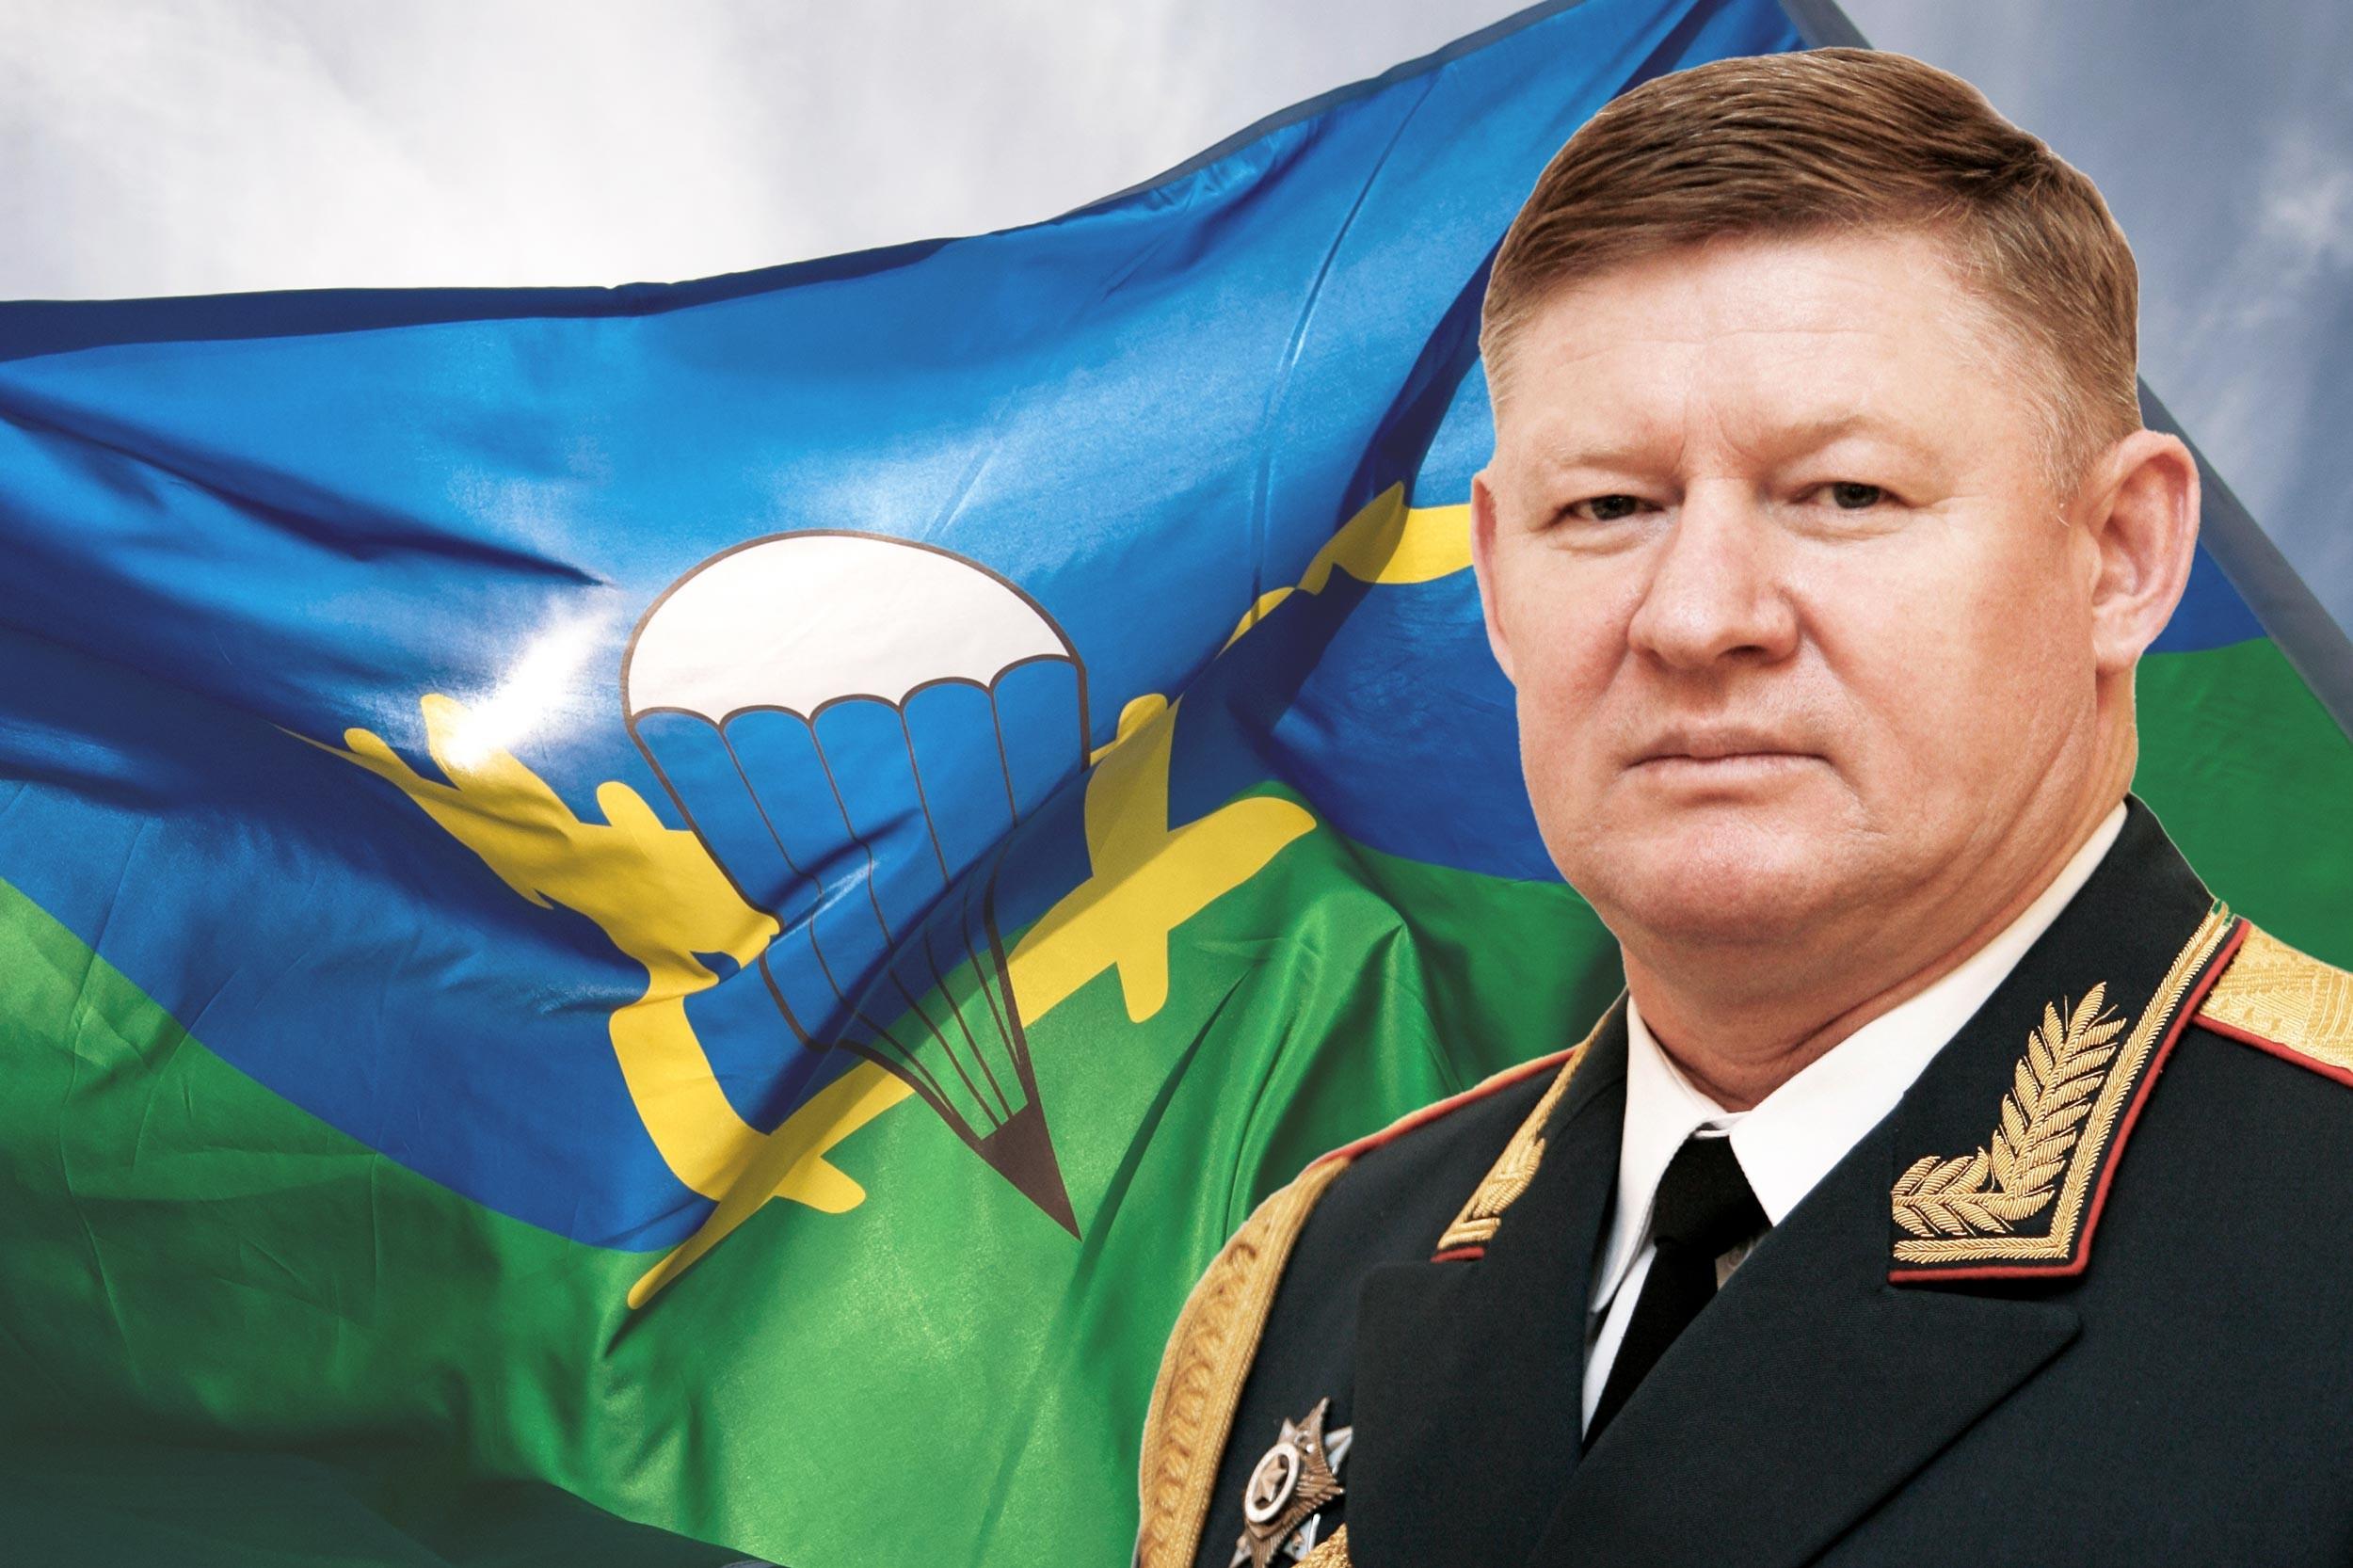 Дмитрий вейдер биография фото заявку оформи